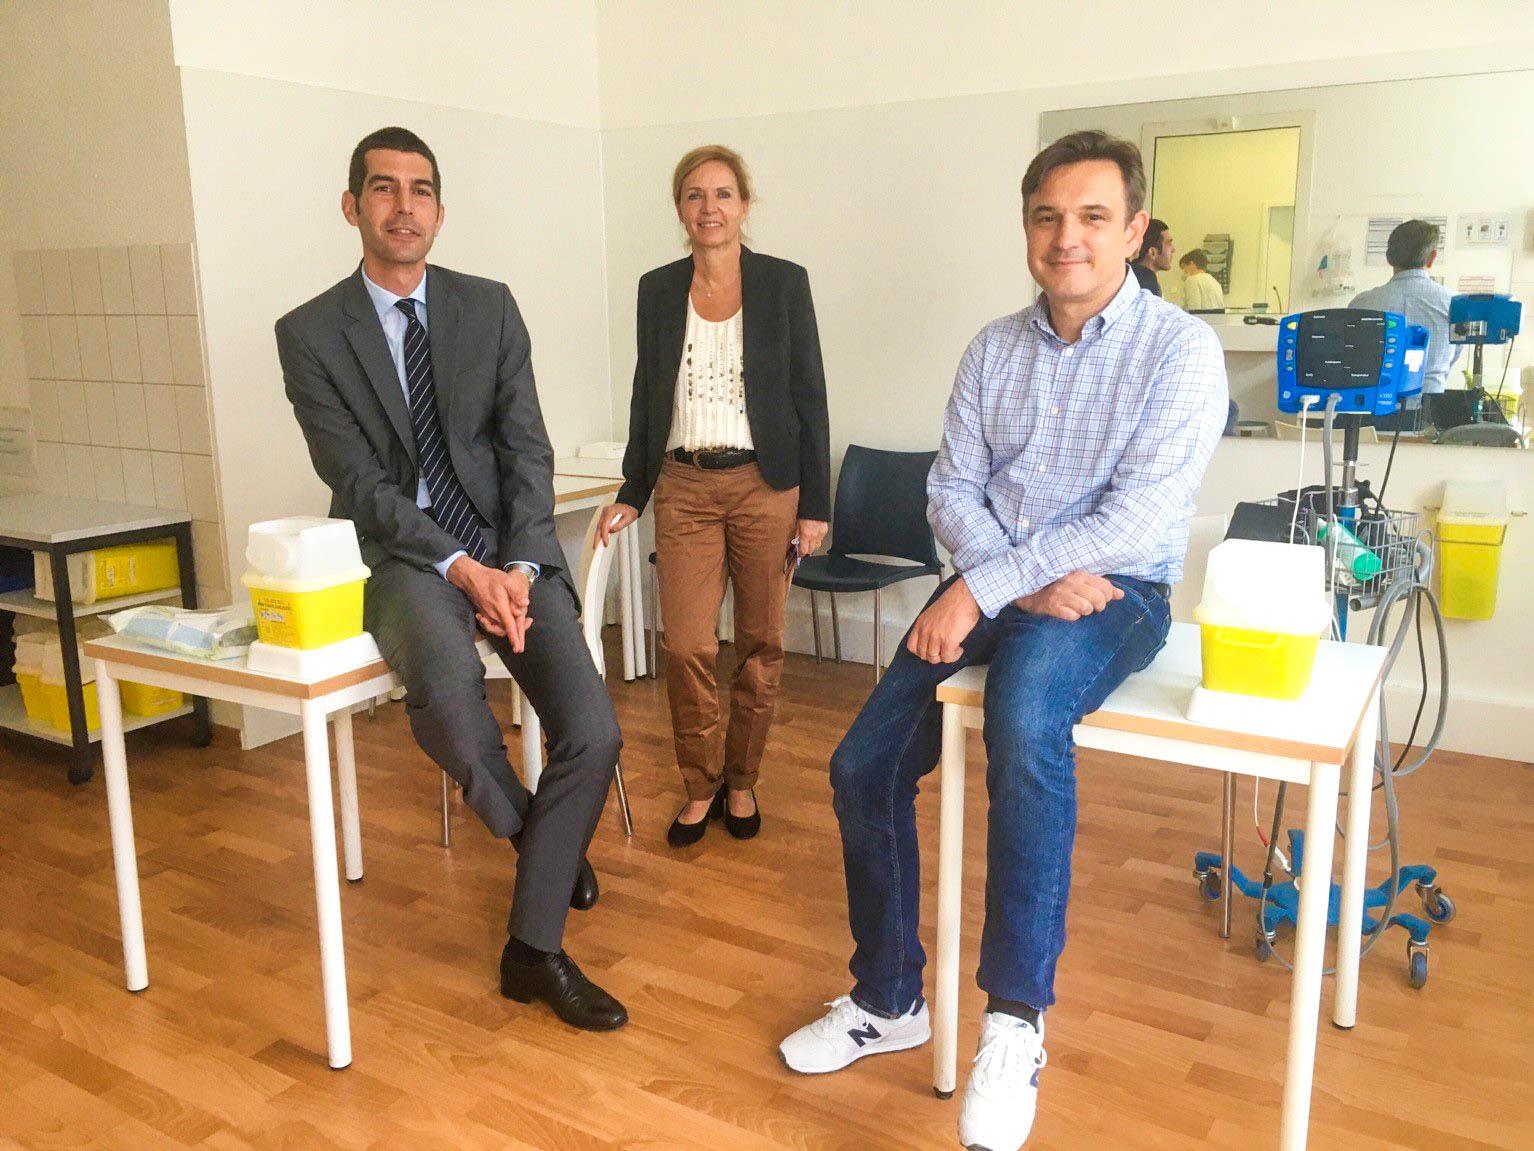 Drei Personen in einem Behandlungszimmer.